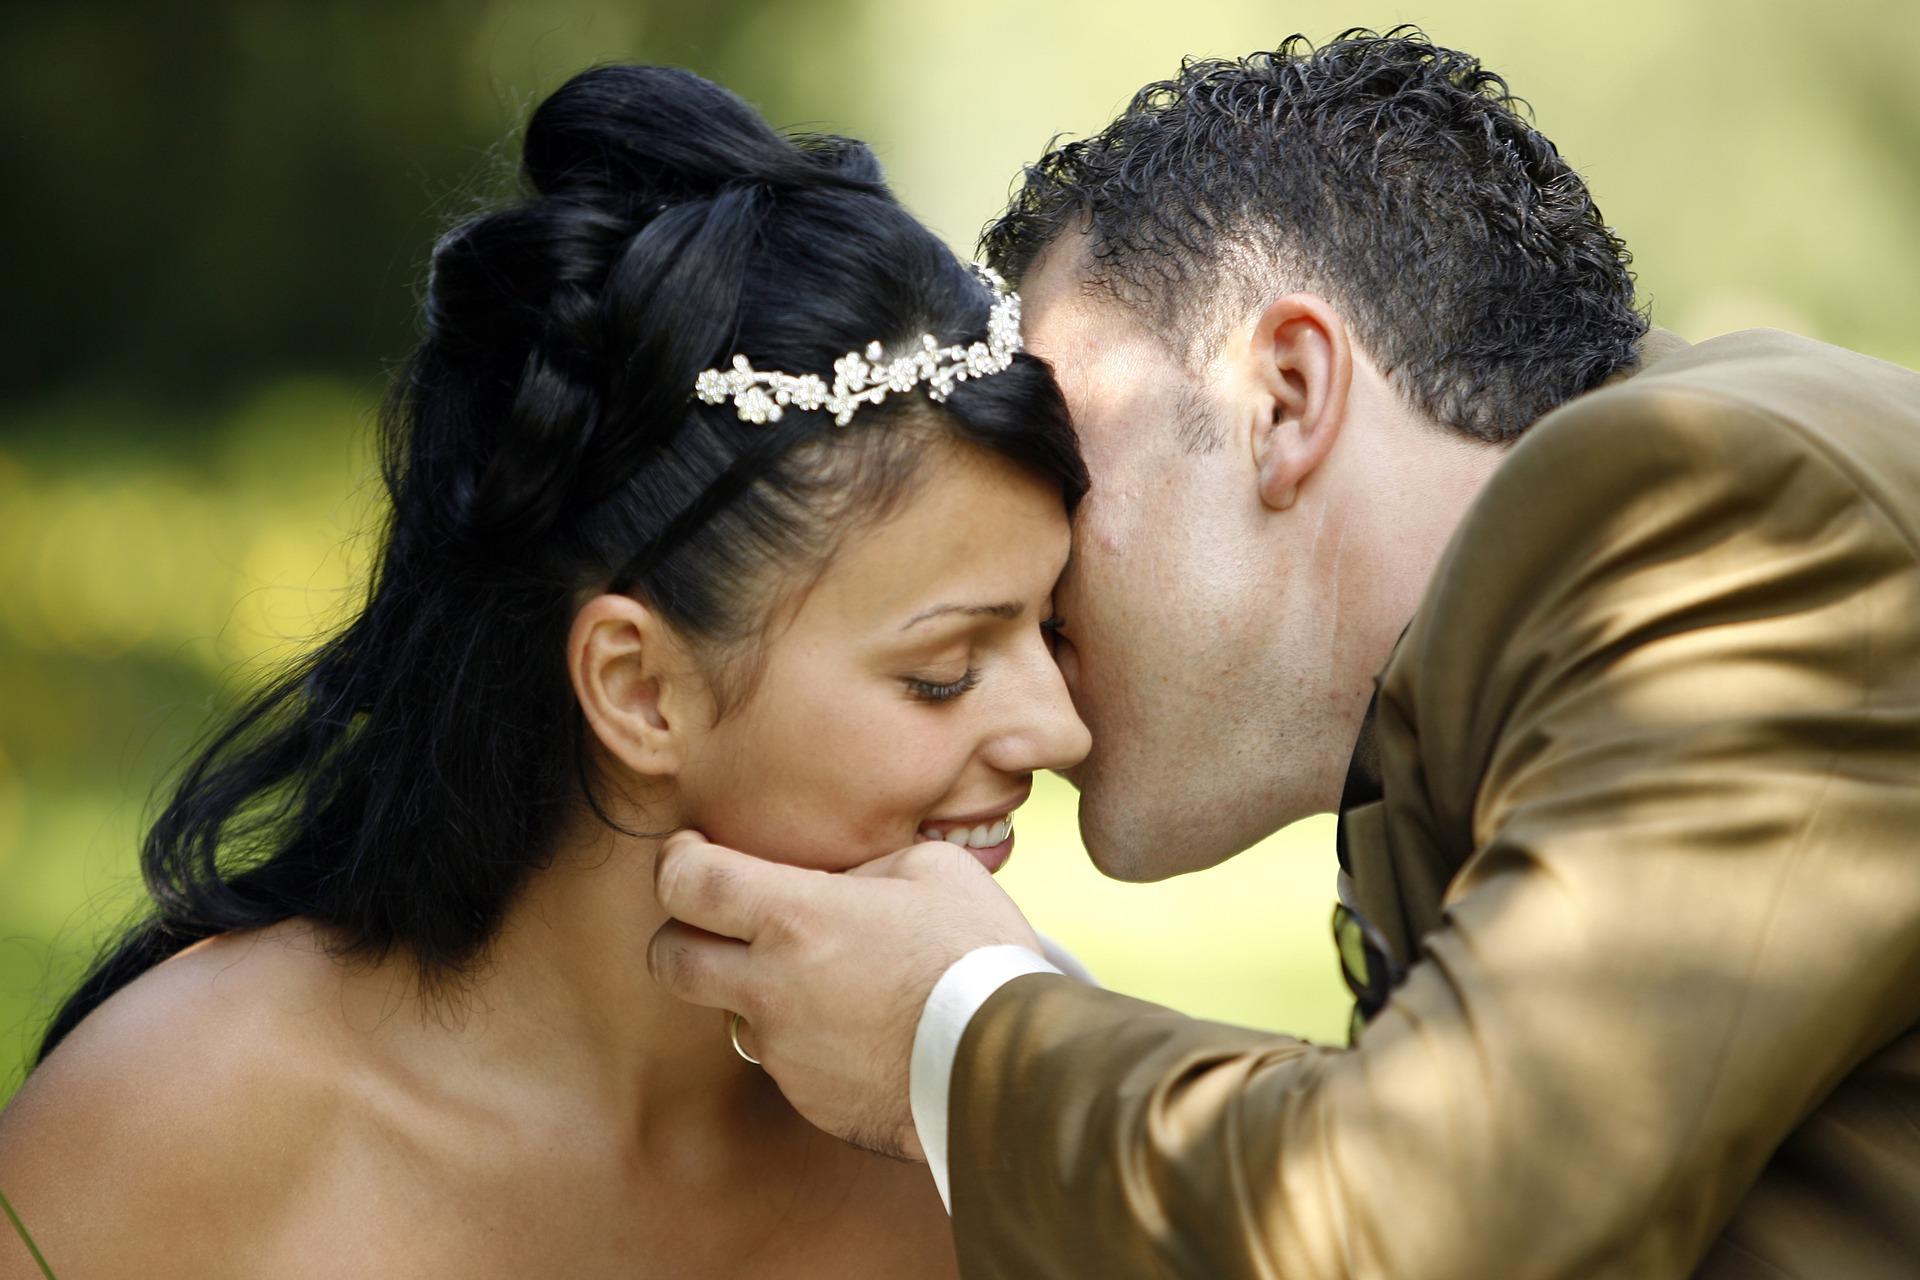 公開タロット占い 結婚のチャンスは? 30代女性